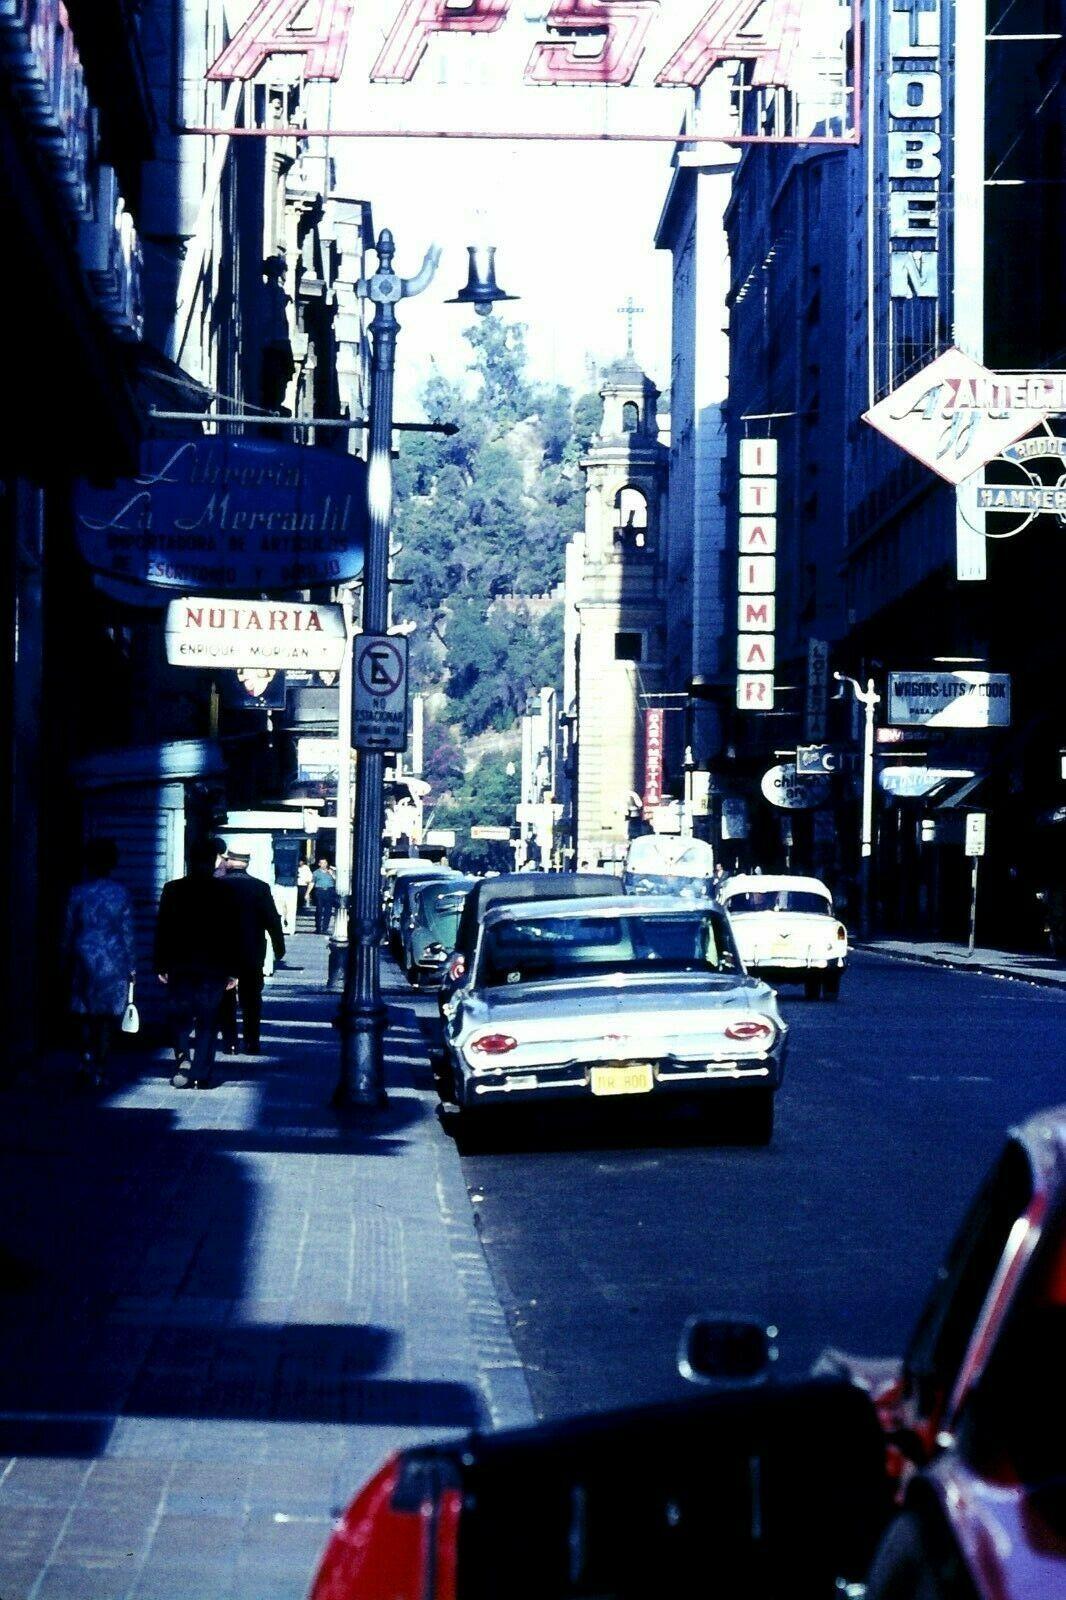 Enterreno - Fotos históricas de chile - fotos antiguas de Chile - Santiago, Calle Agustinas, 1965